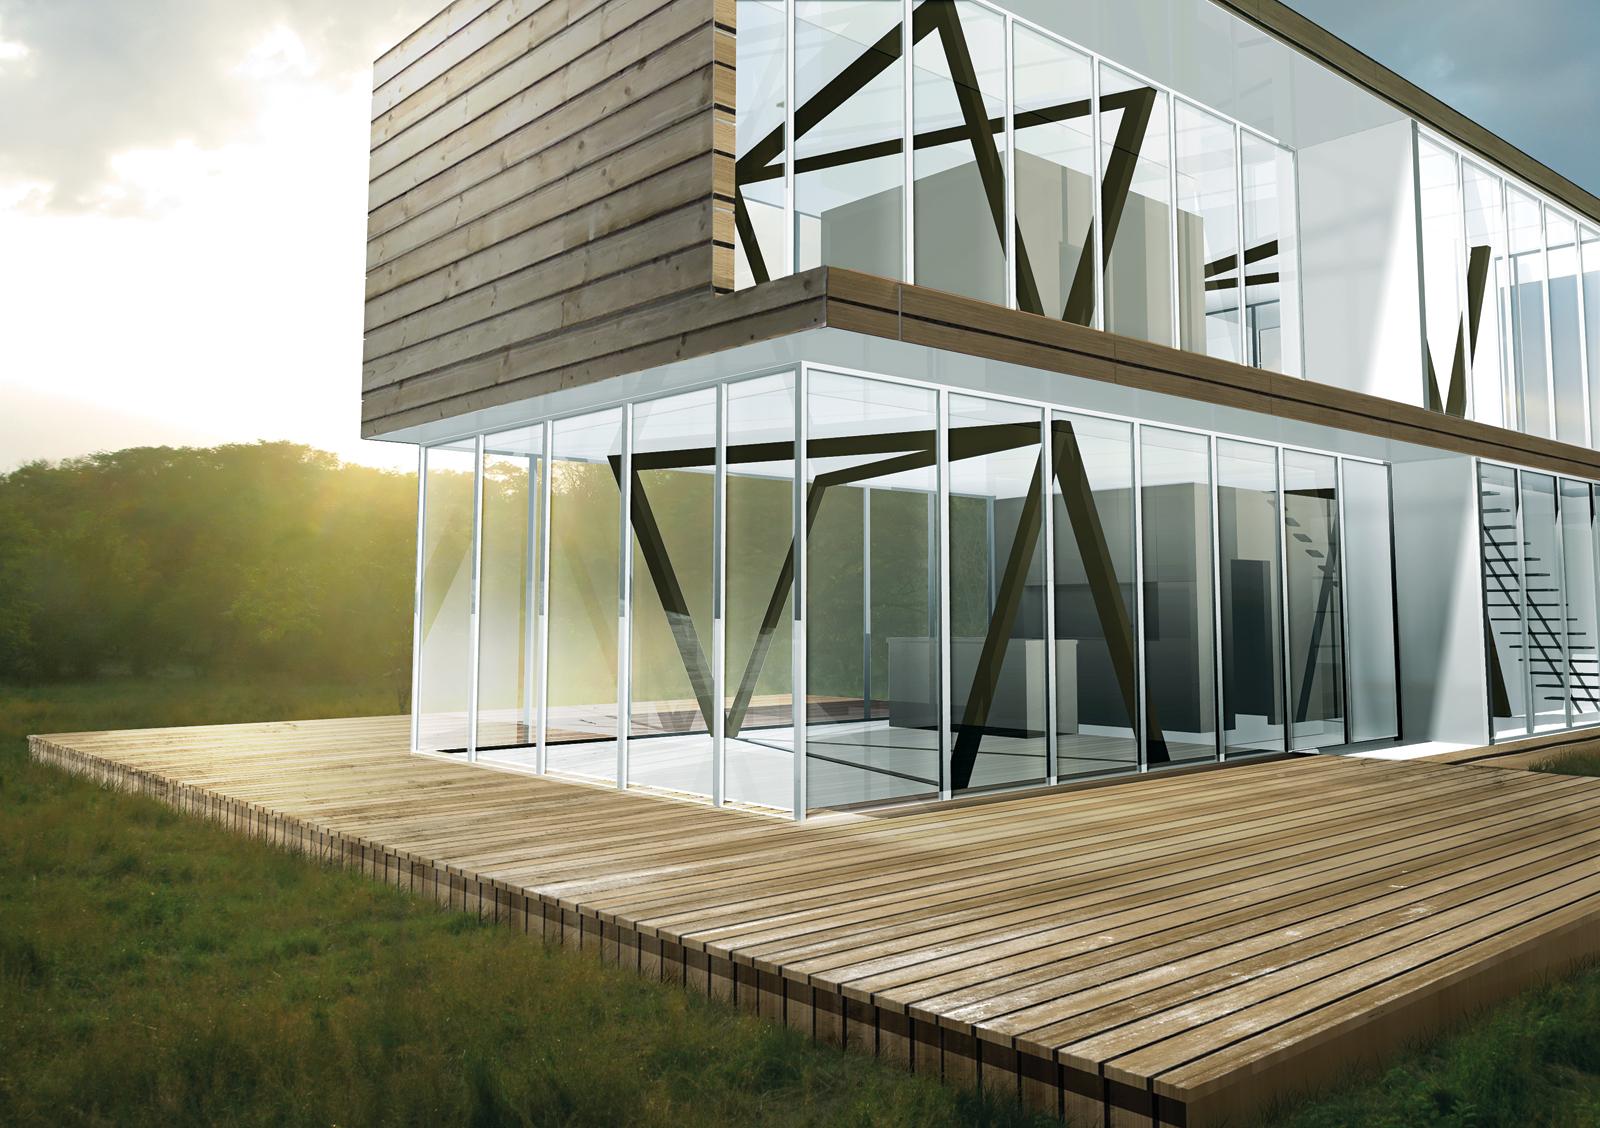 QuaDror designed by Dror Benshetrit